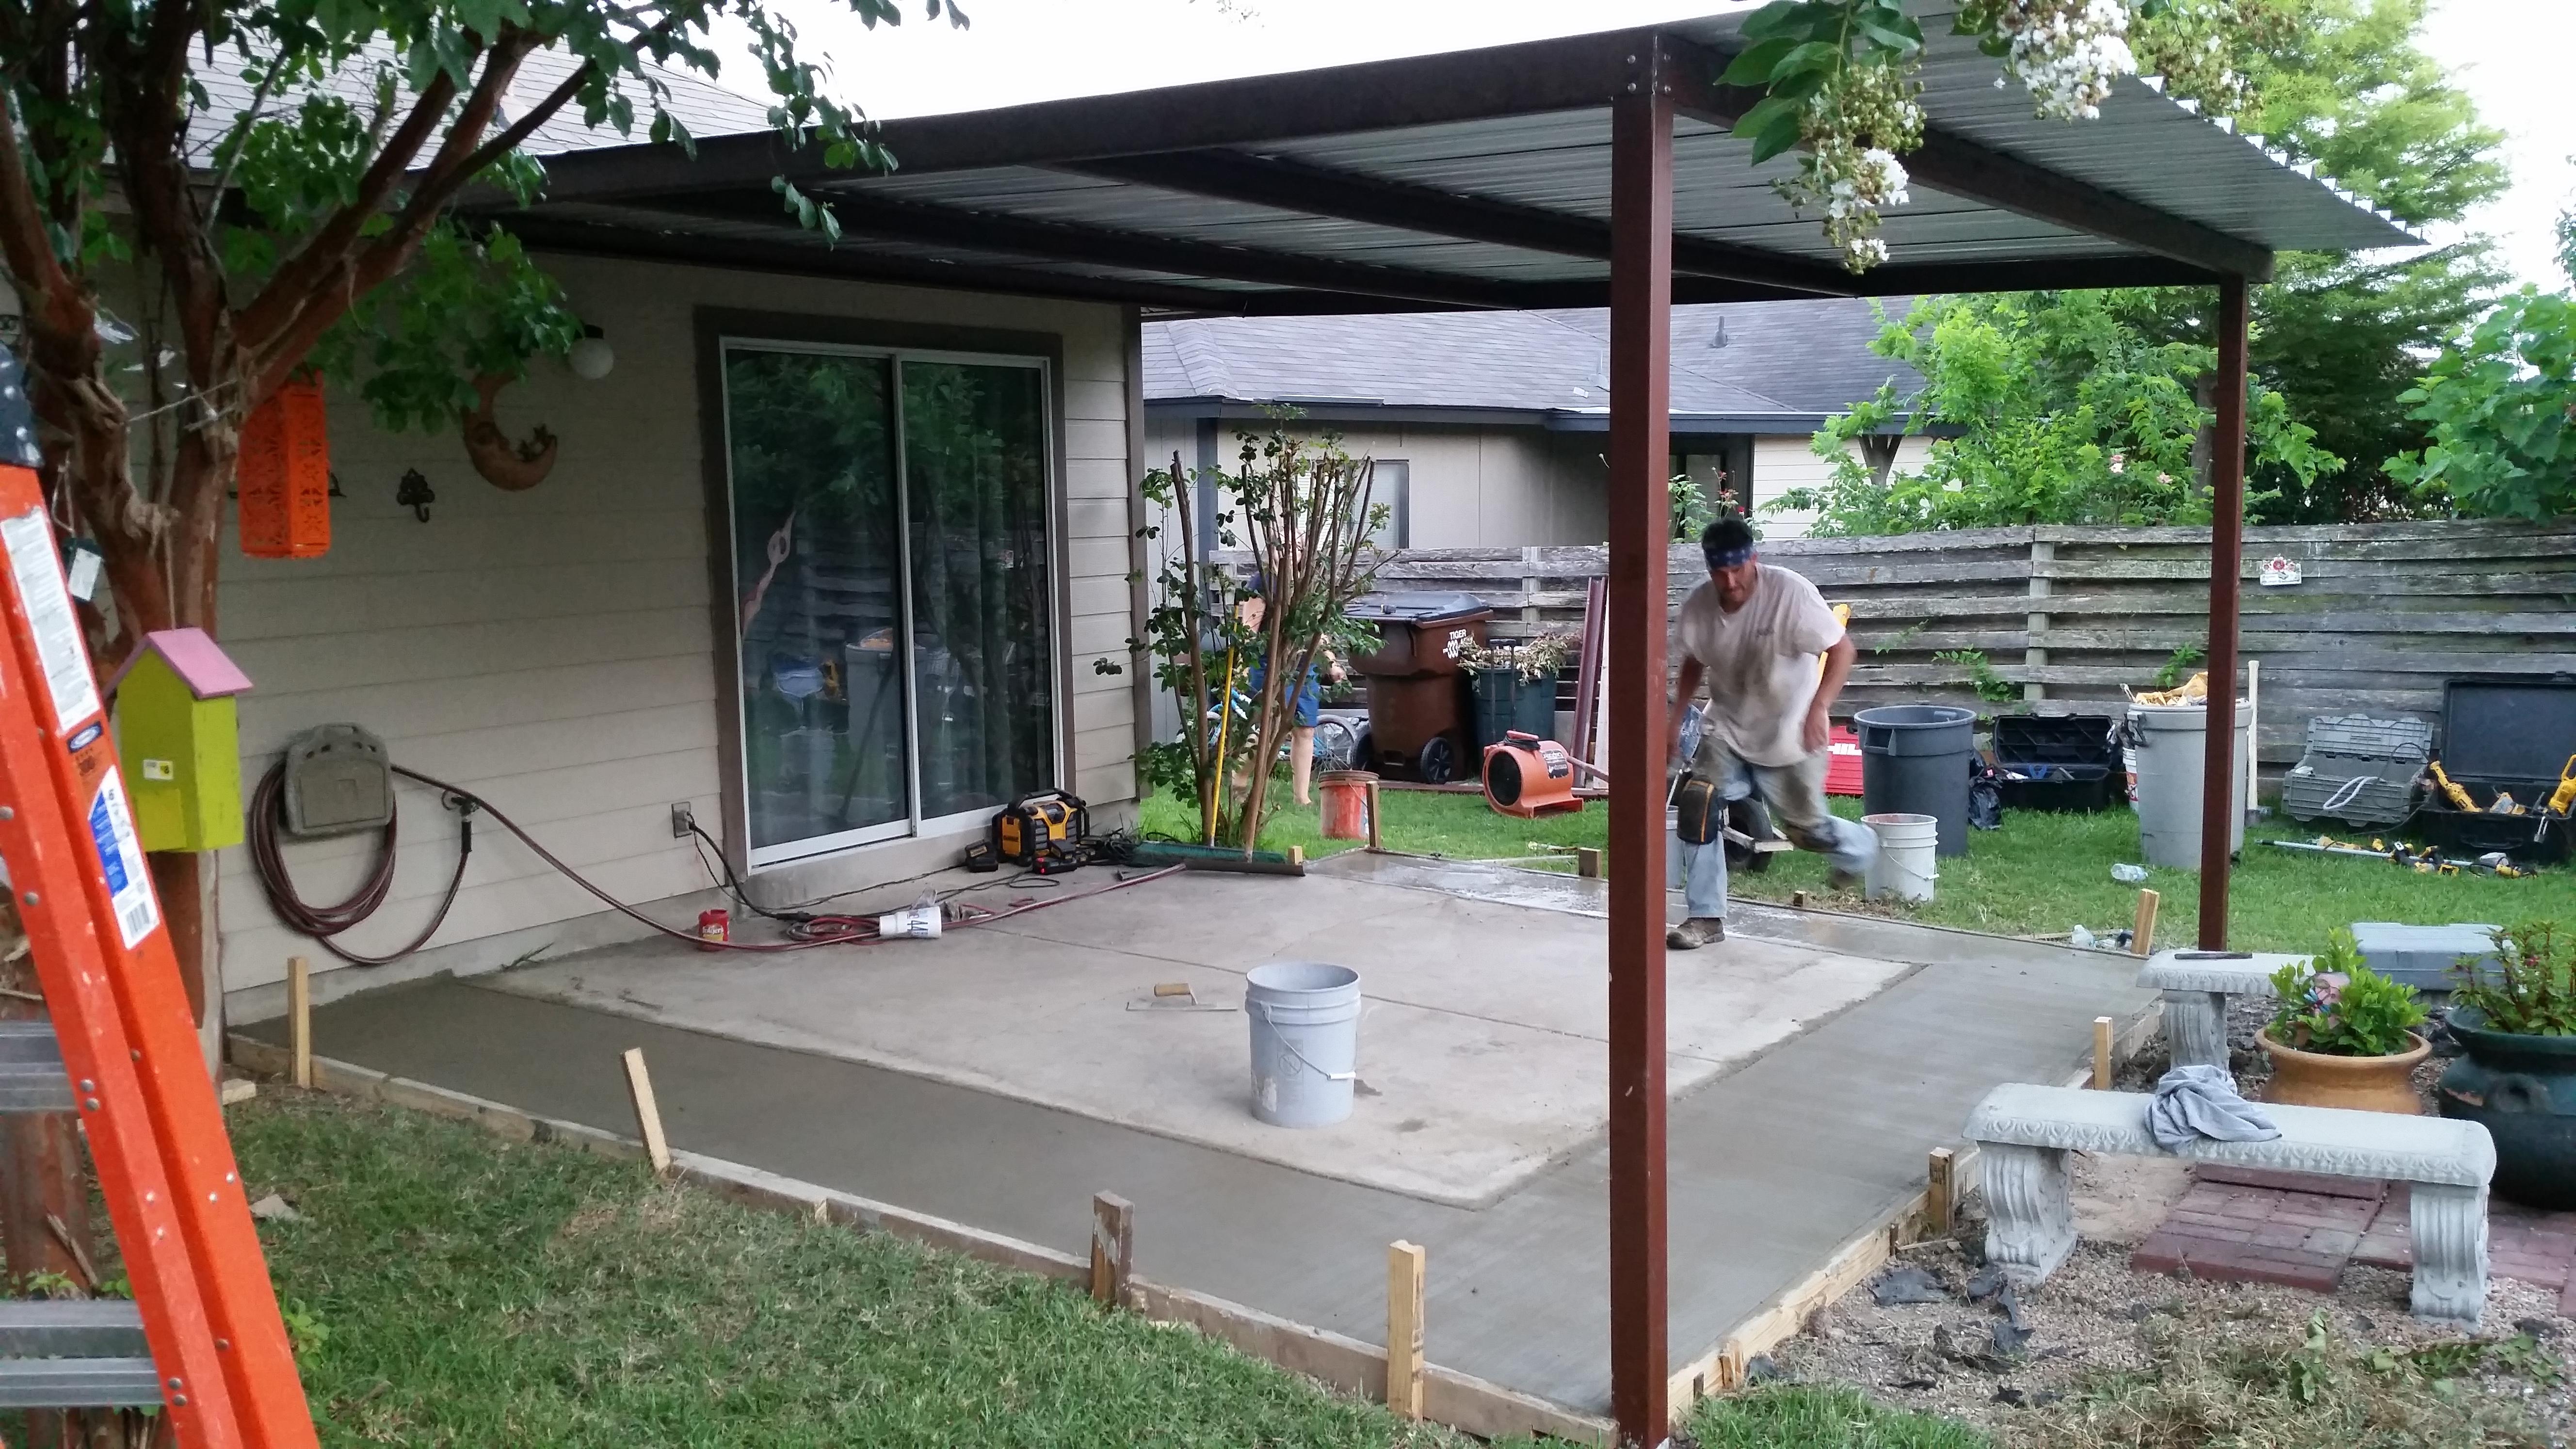 Added Concrete Carport Patio Covers Awnings San Antonio